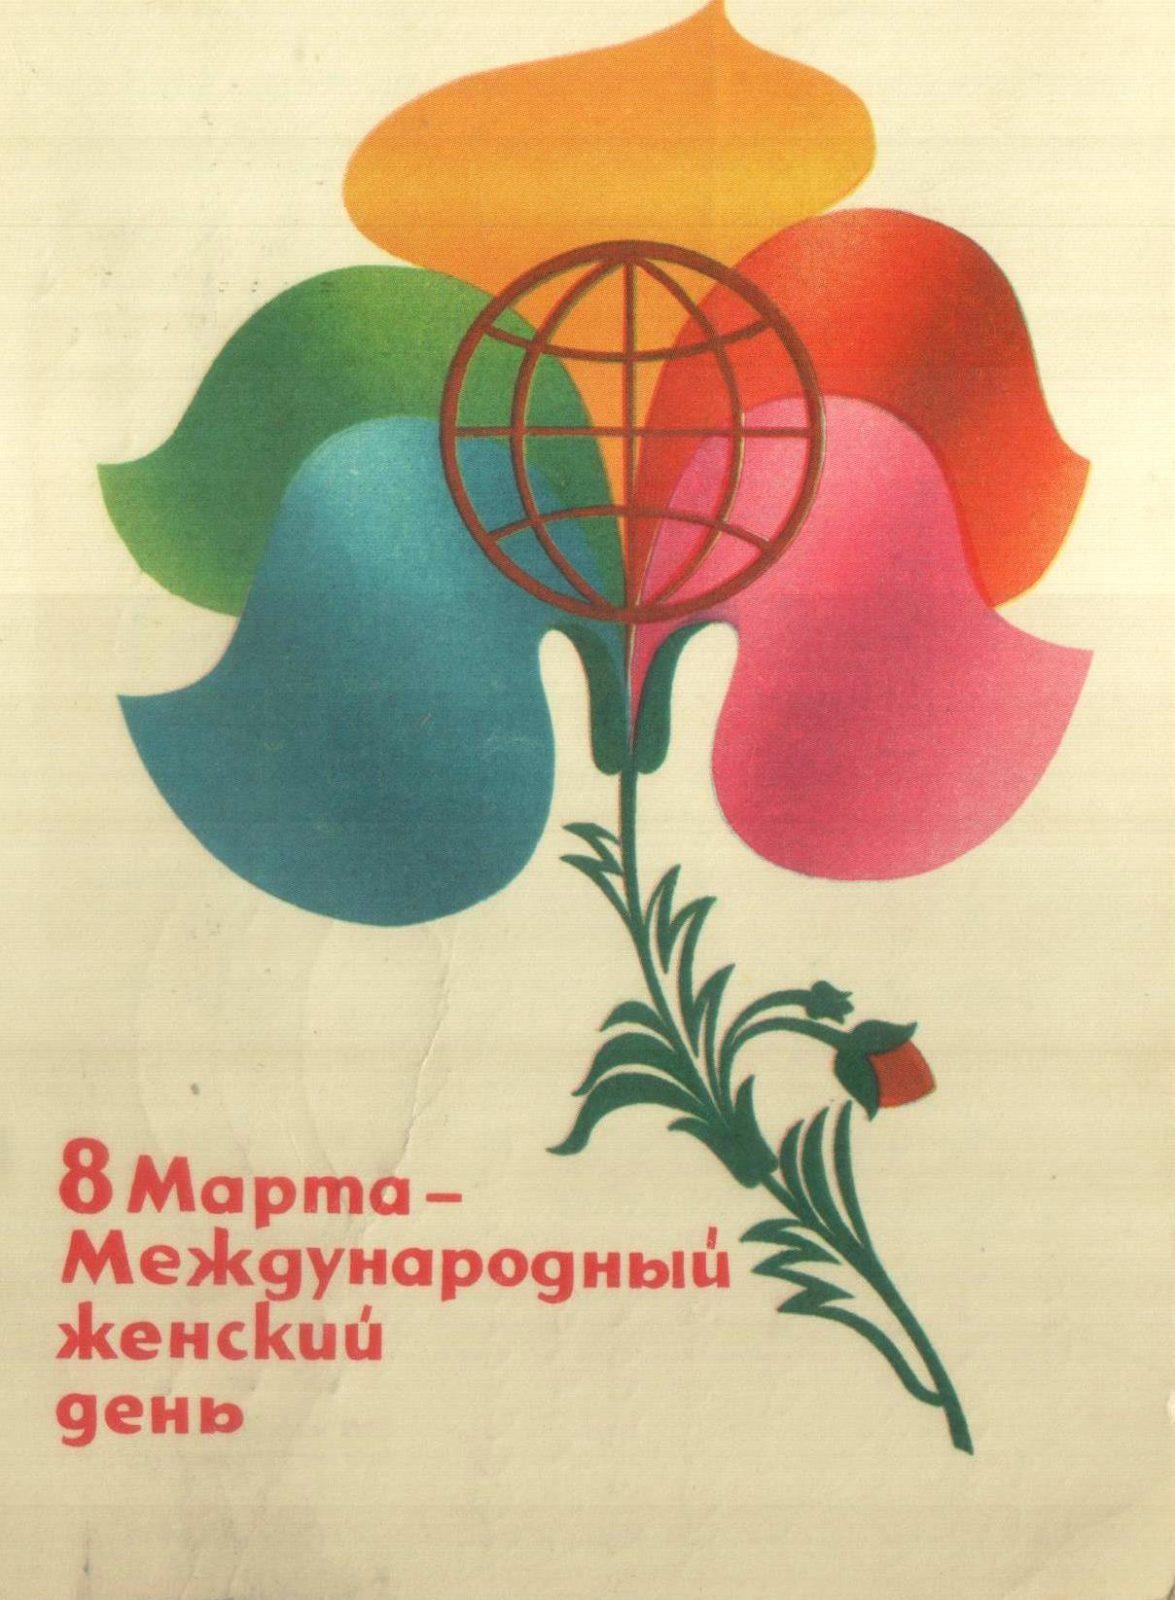 Открытка. 8 марта - Международный женский день. Художник А. Любезнов.